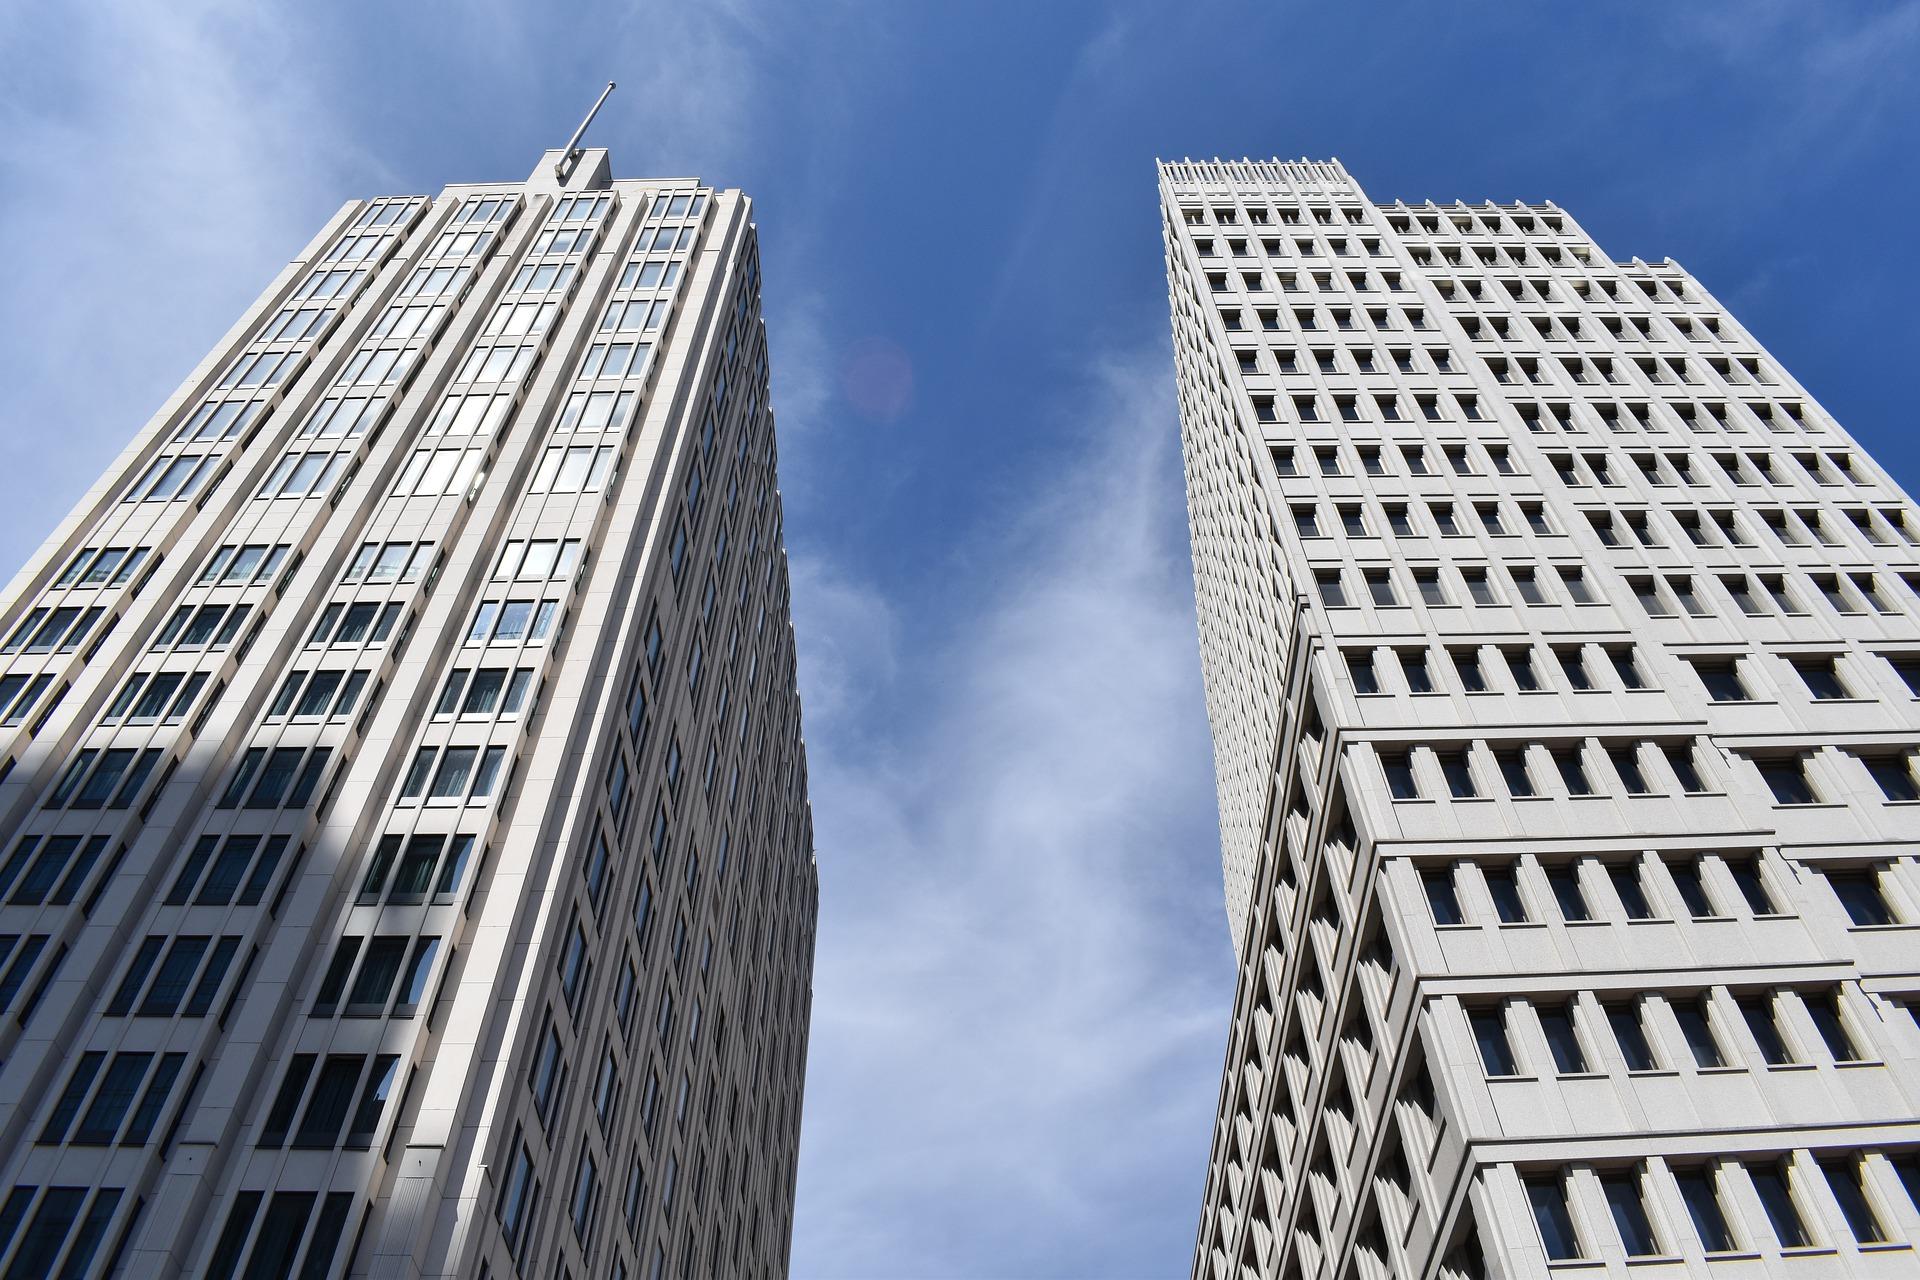 Penthouse kaufen: Vor- & Nachteile, Kosten, Quadratmeterpreis, Lage, Tipps